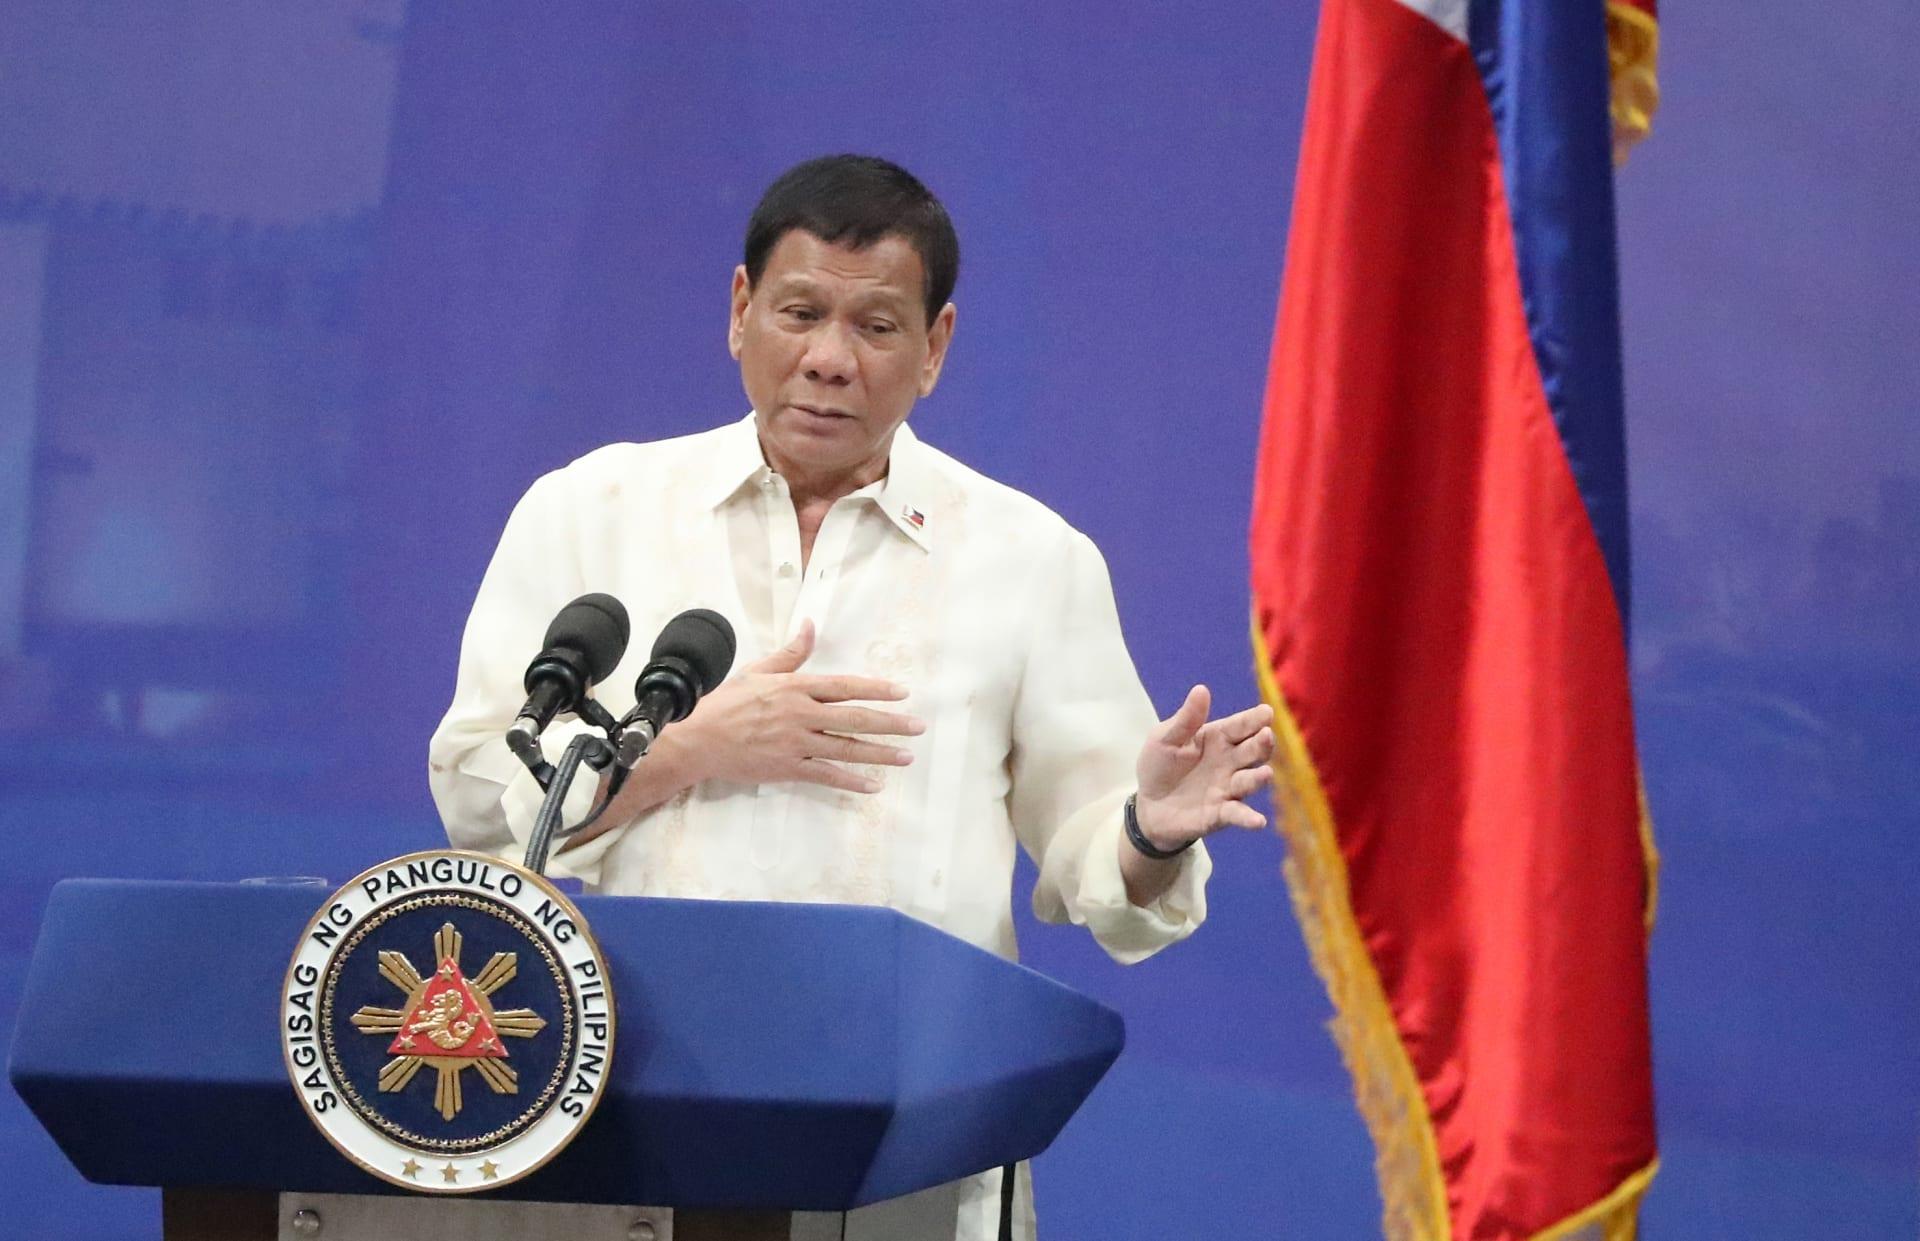 الرئيس الفلبيني رودريغو دوترتي